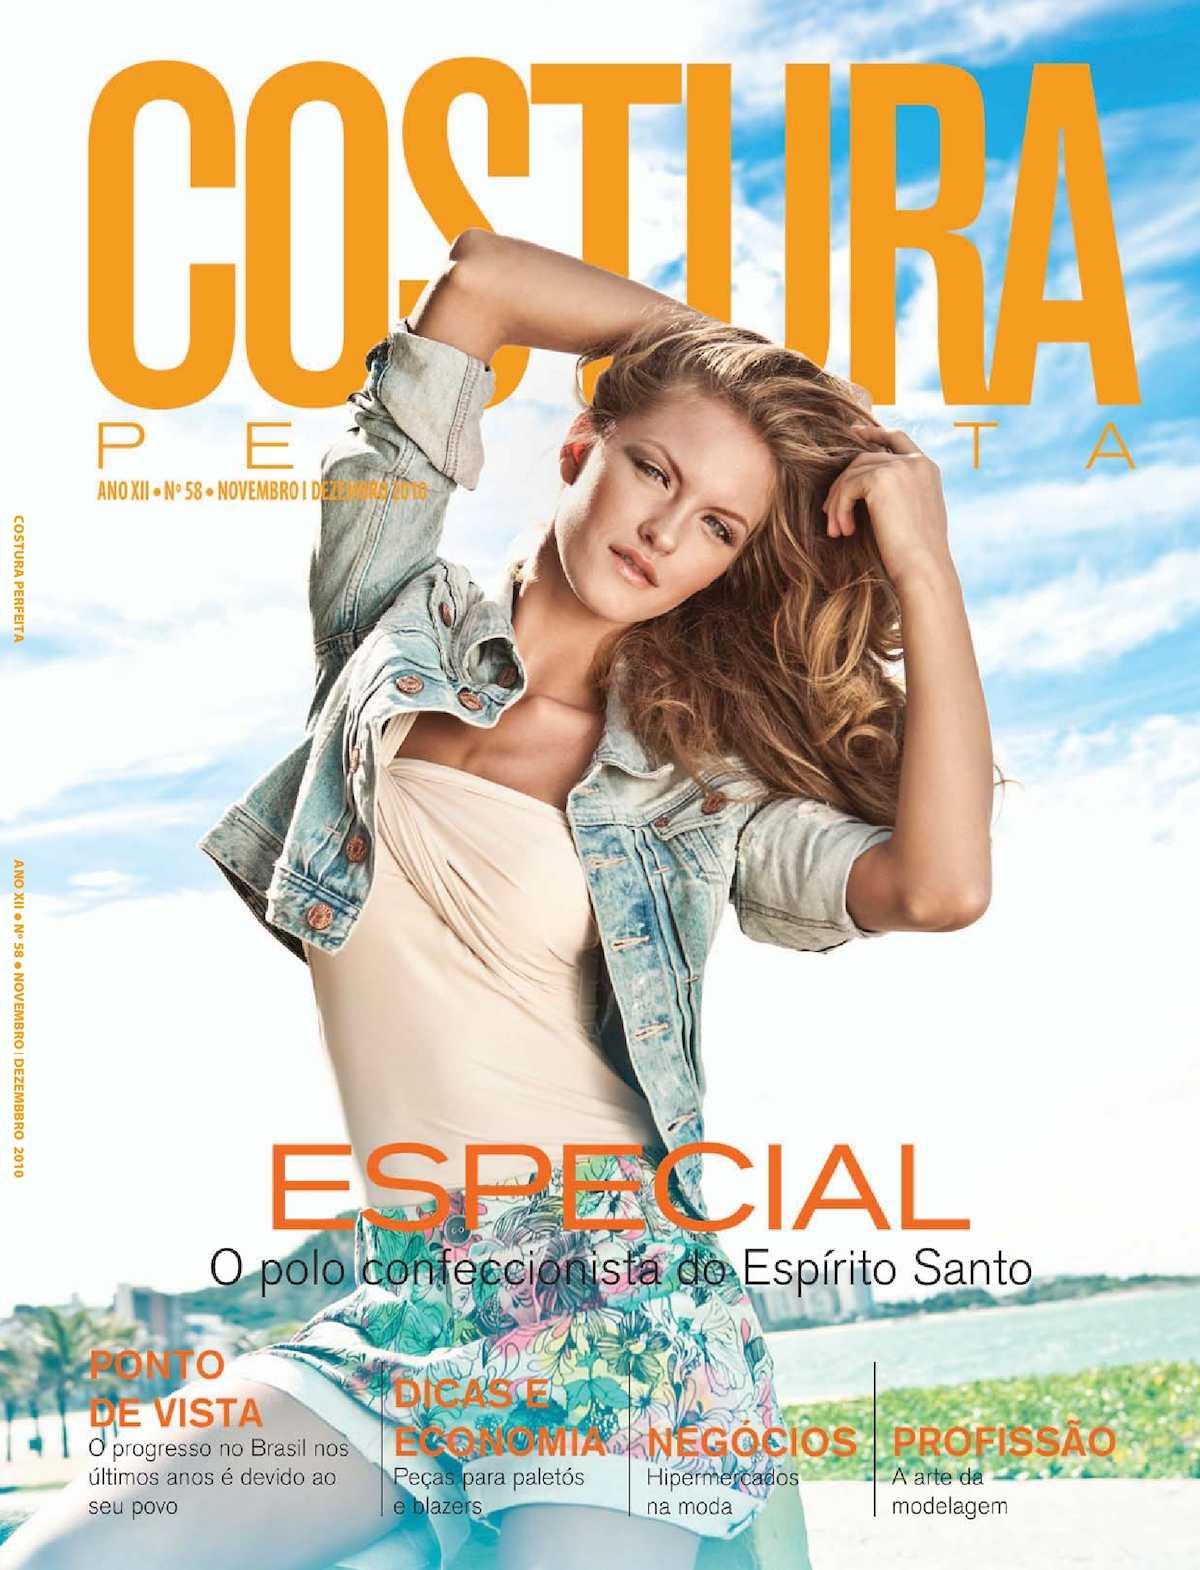 Calaméo - Revista Costura Perfeita Edição Ano XII - N58 - Novembro-Dezembro  2010 8a08bff5cac